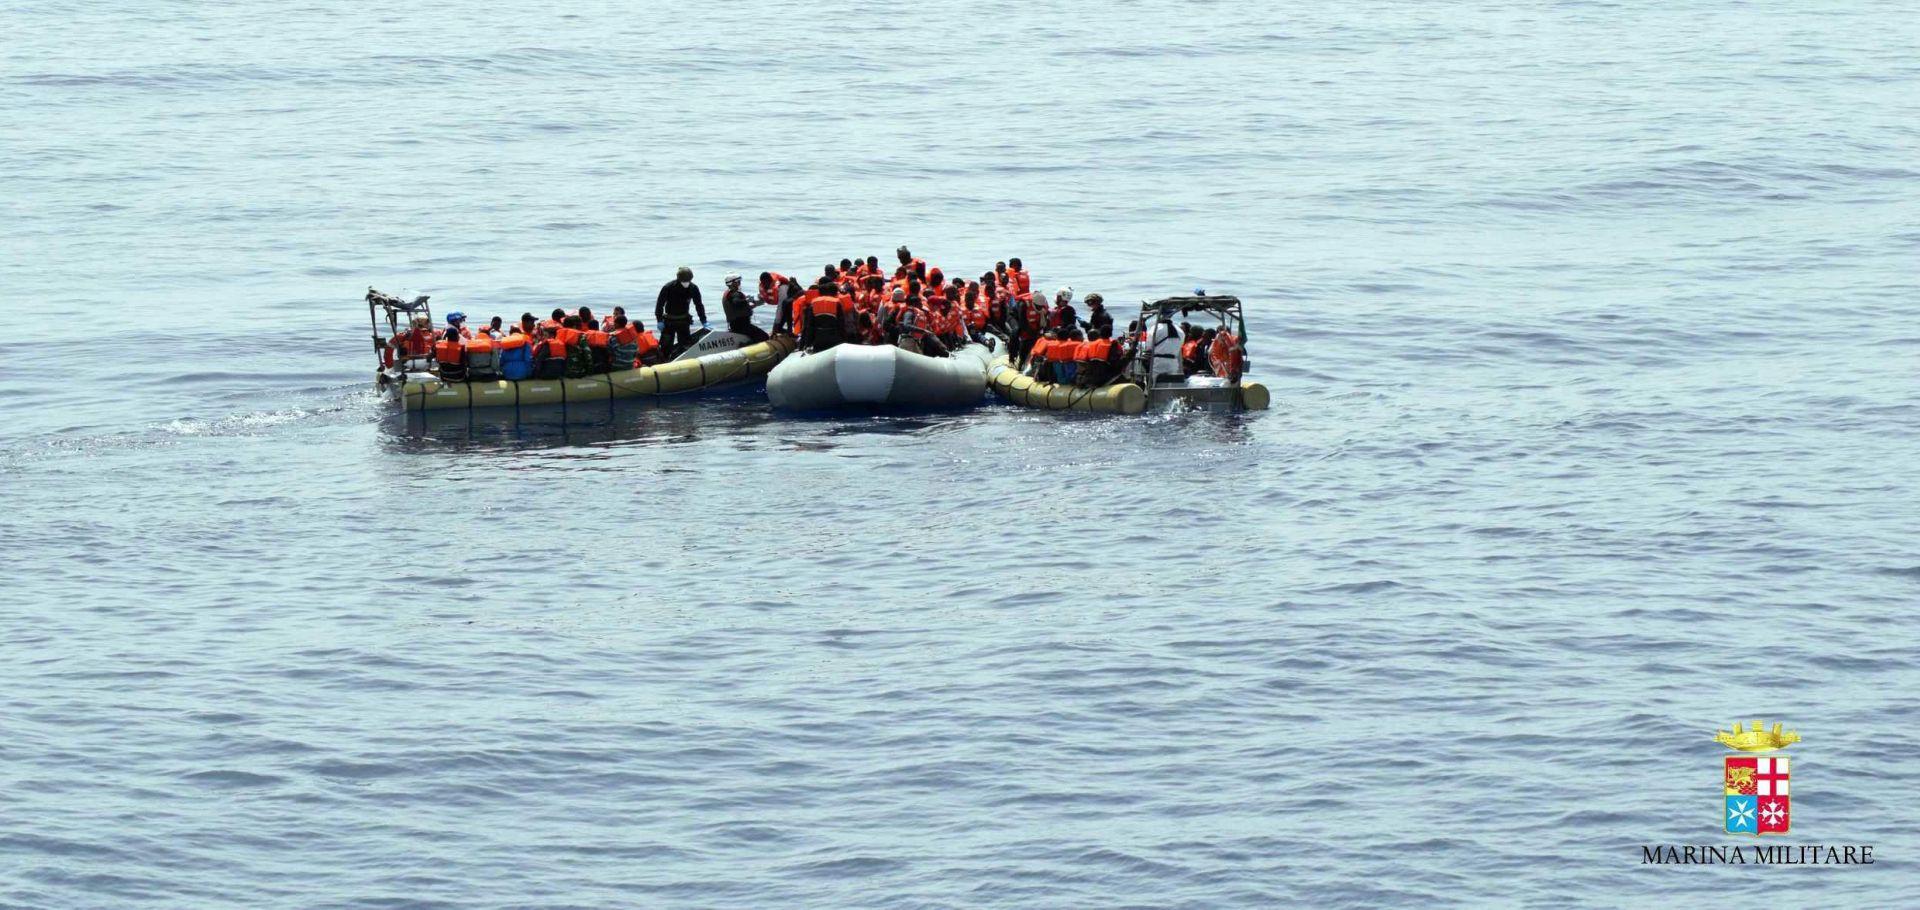 TALIJANSKA OBALA: Utopilo se najmanje 20 migranata